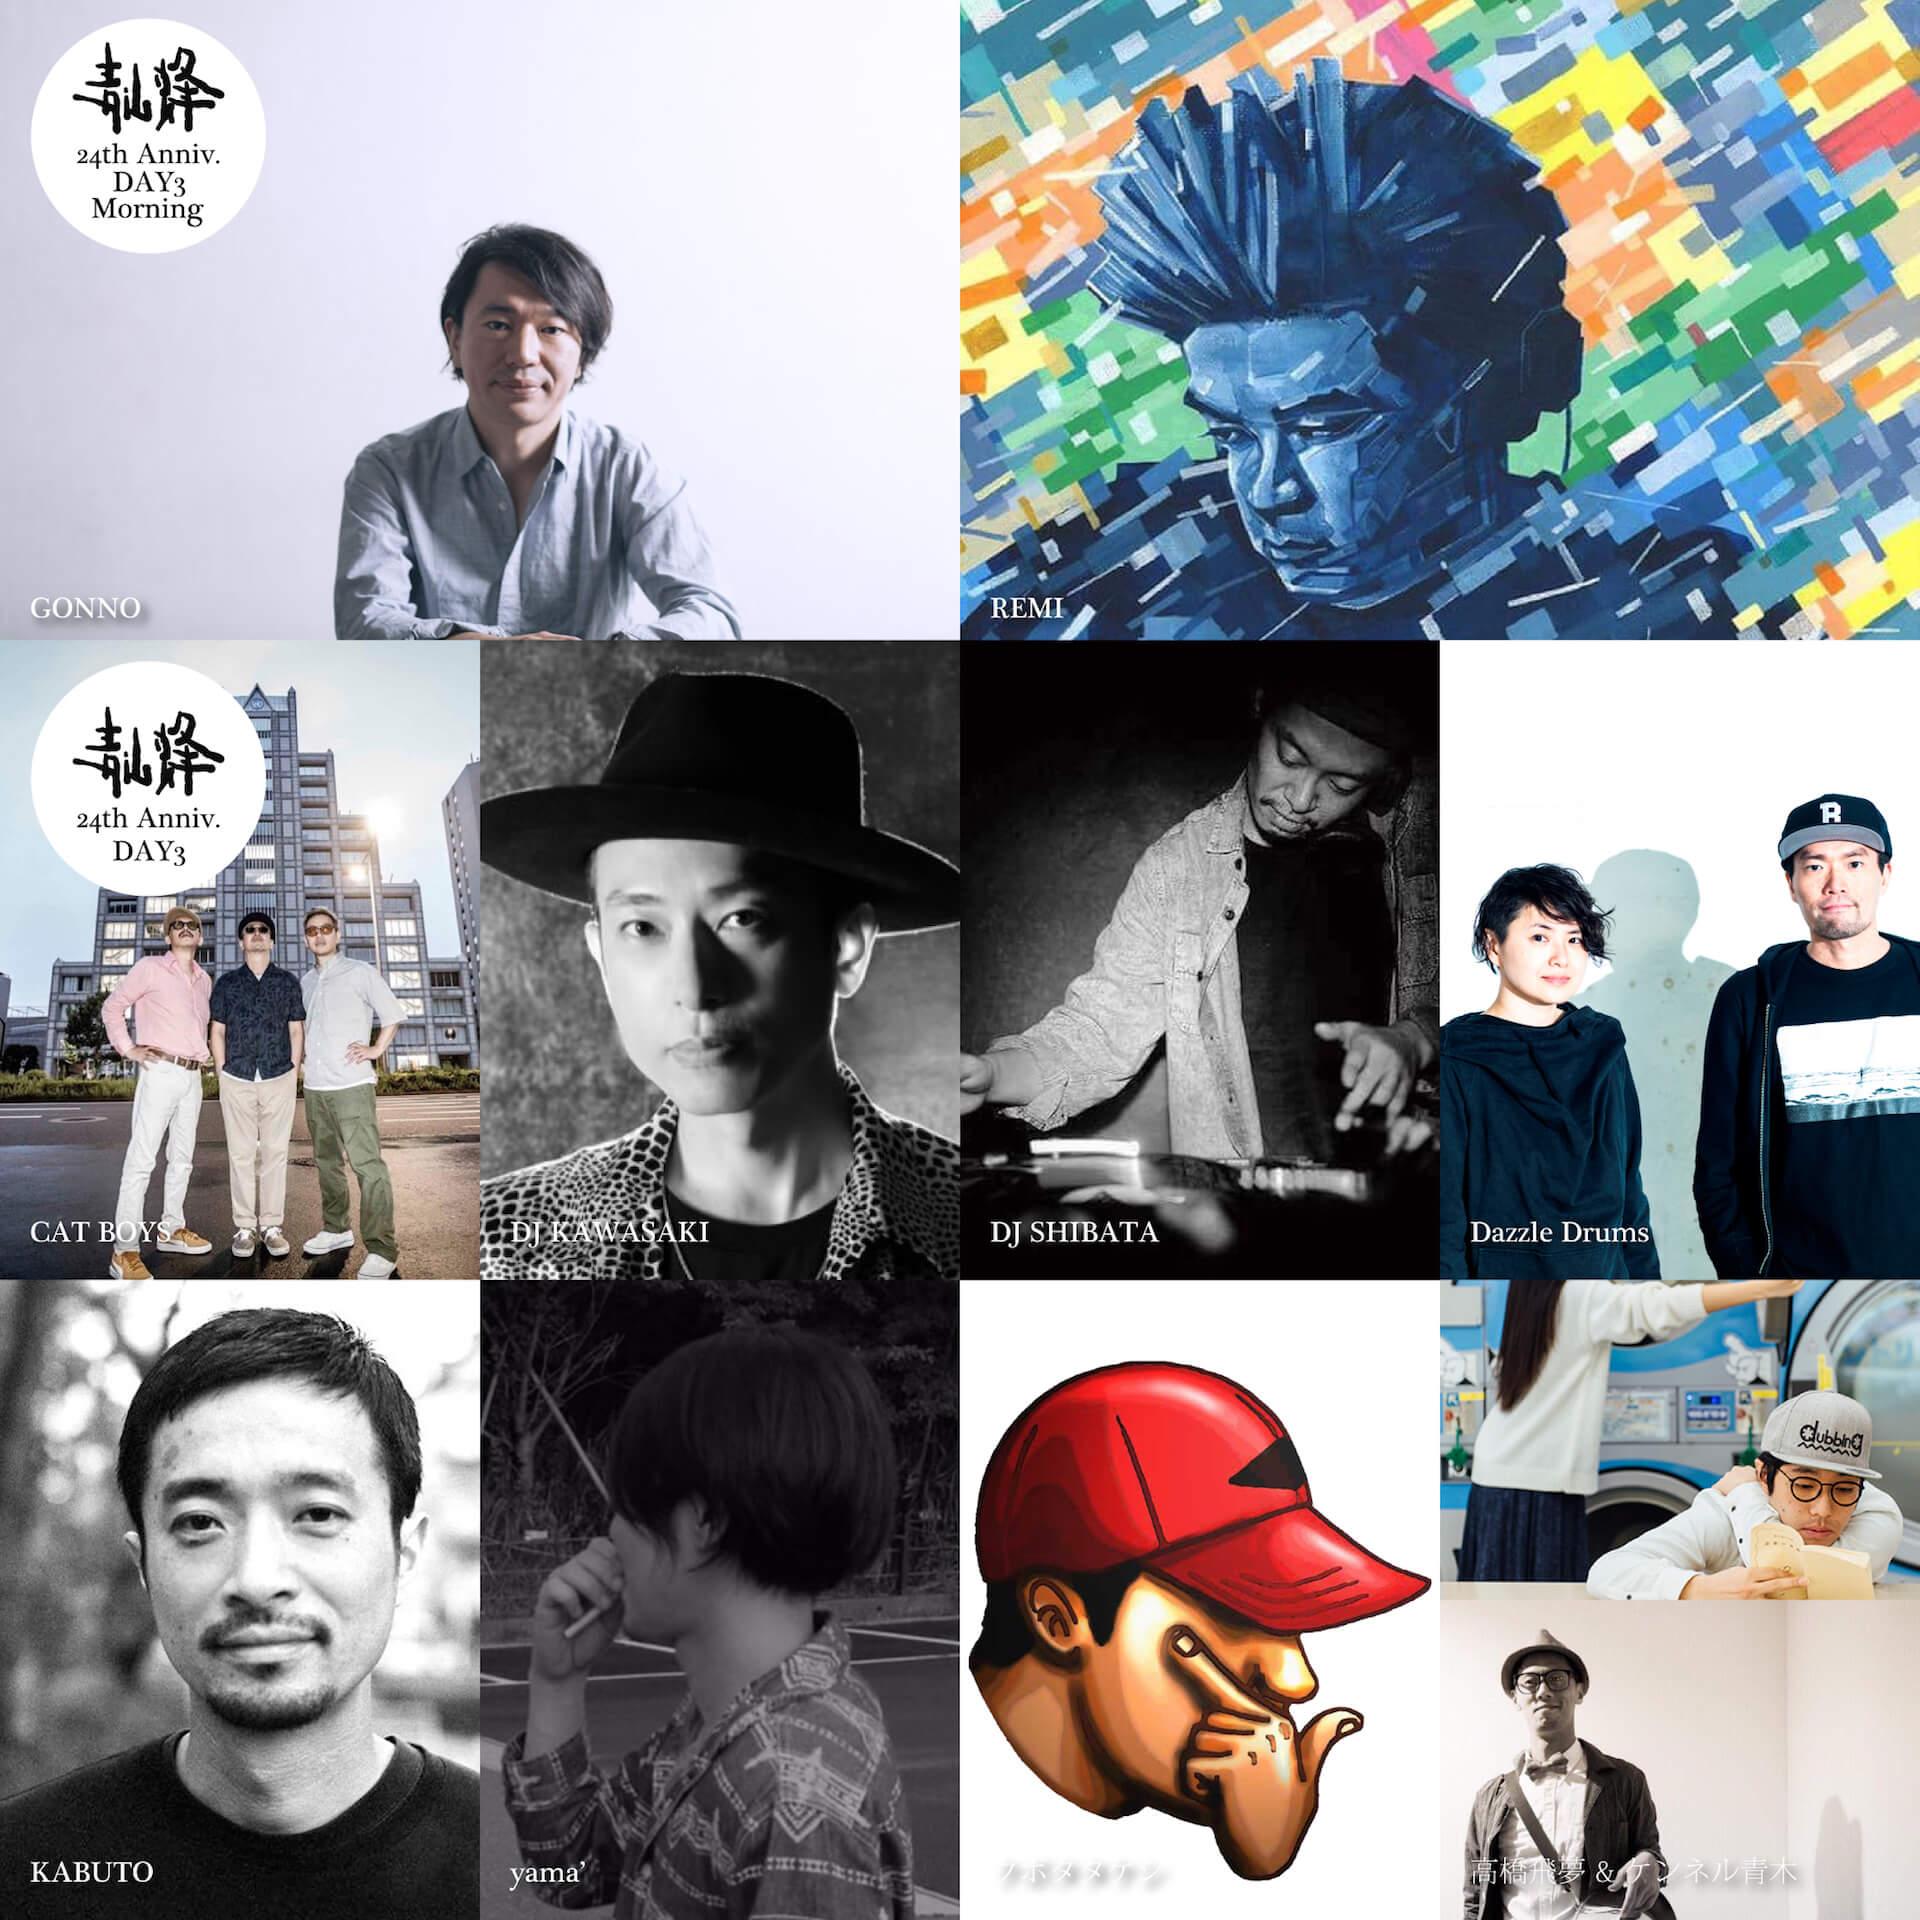 青山蜂が24周年!記念イベントが3日間に渡り開催|DJ KOCO a.k.a. Shimokita、Gonno、Yoshinori Hayashiらが登場 music191030_aoyamahachi_1